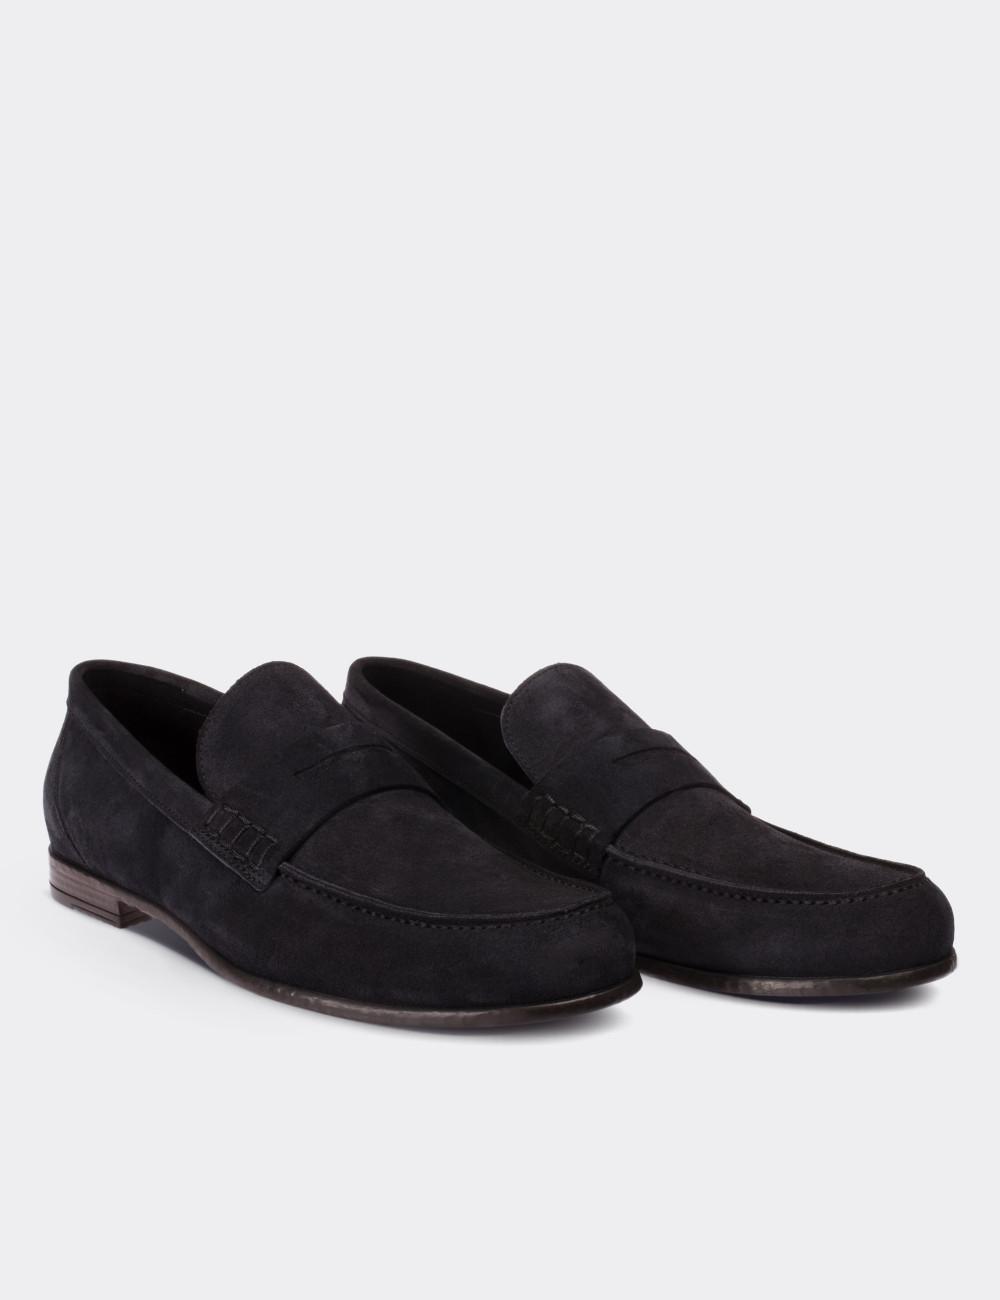 Hakiki Süet Lacivert Loafer Erkek Ayakkabı - 01538MLCVC01